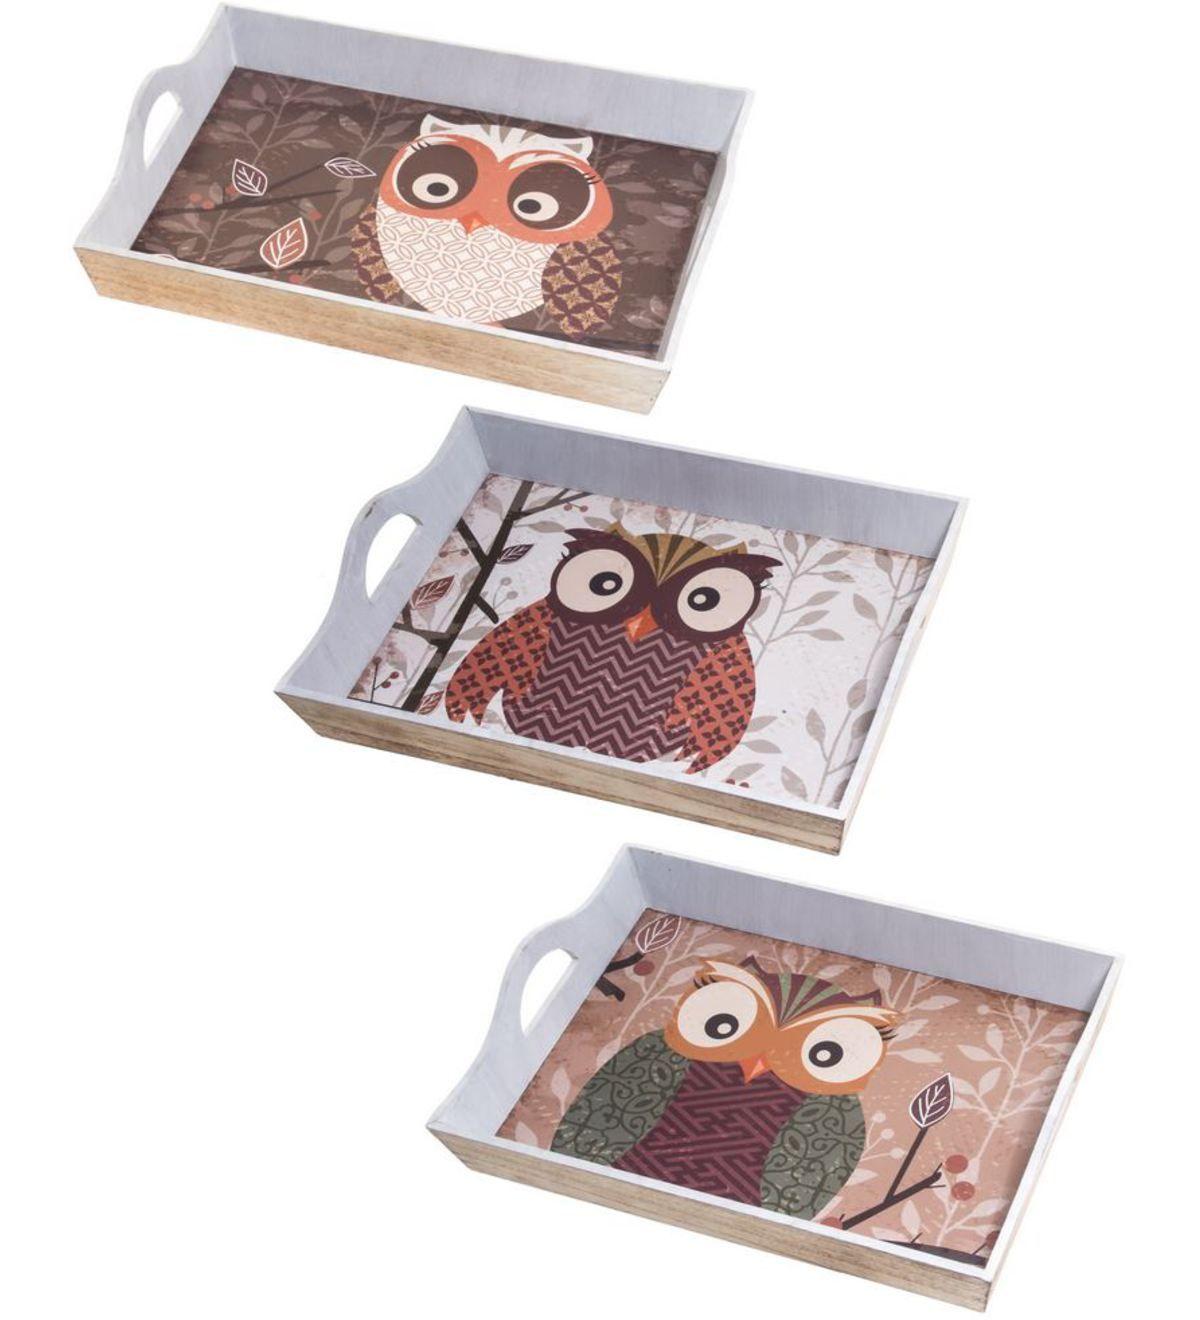 Living Pöllö tarjotin molemmat koot käy 38,5X27X8 11,90 e ja 43x30,5x8,5 16,90 e